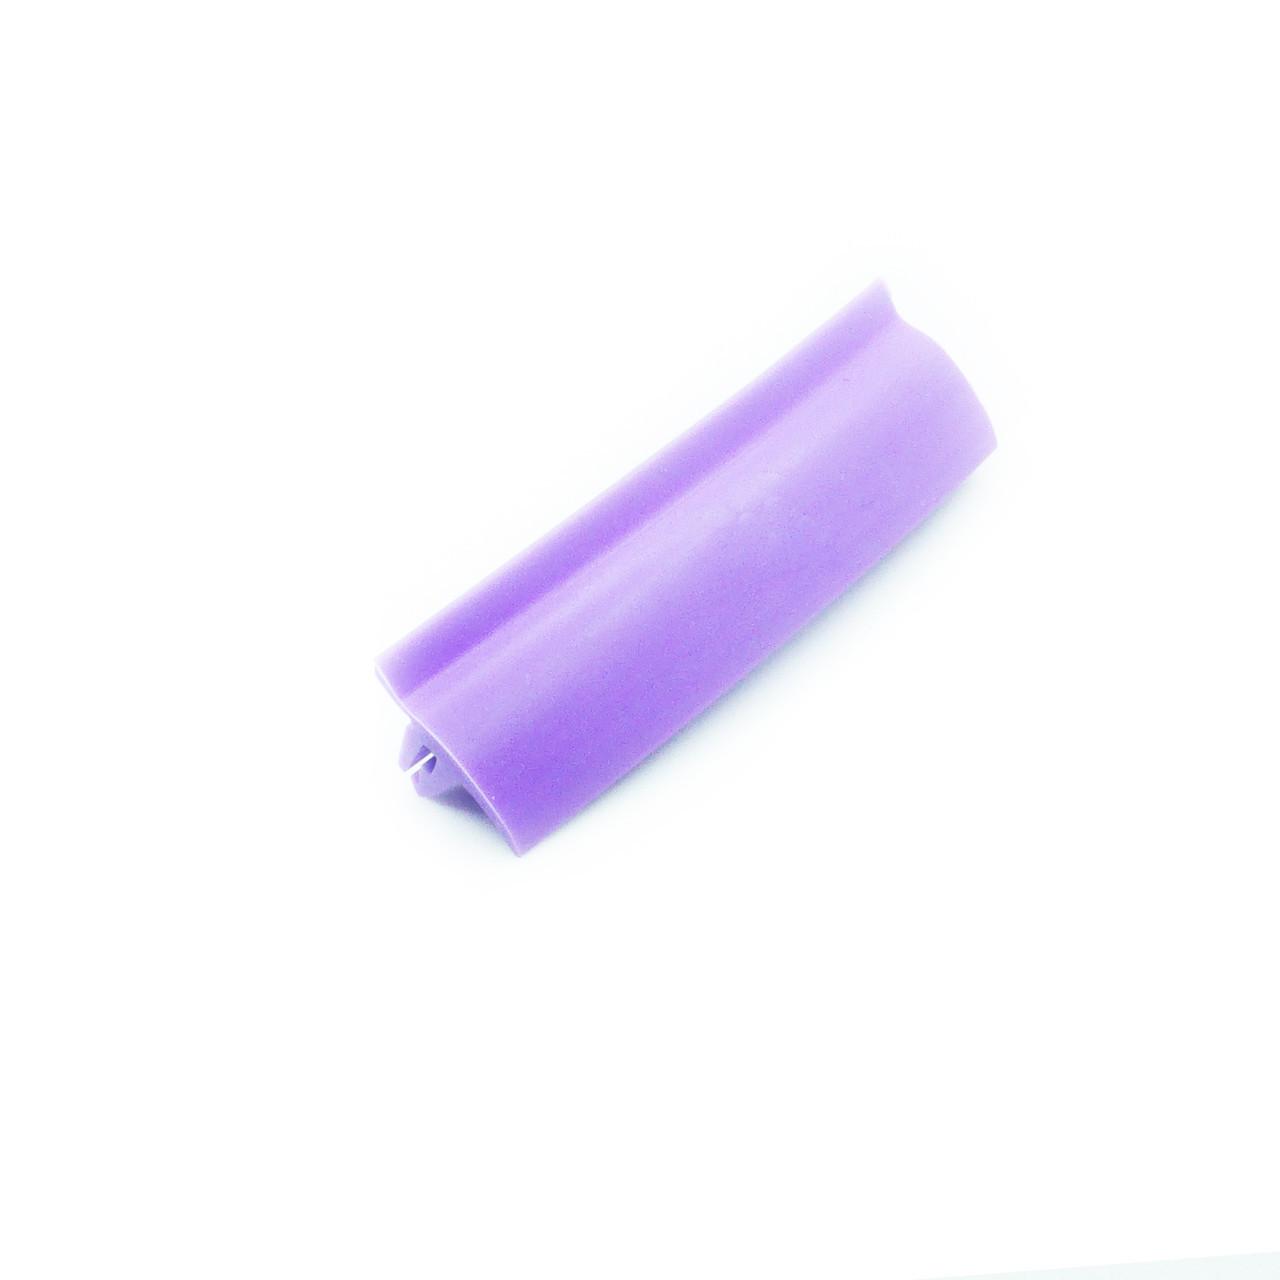 Вставка заглушка декоративная - L223. Широкая - 14 мм